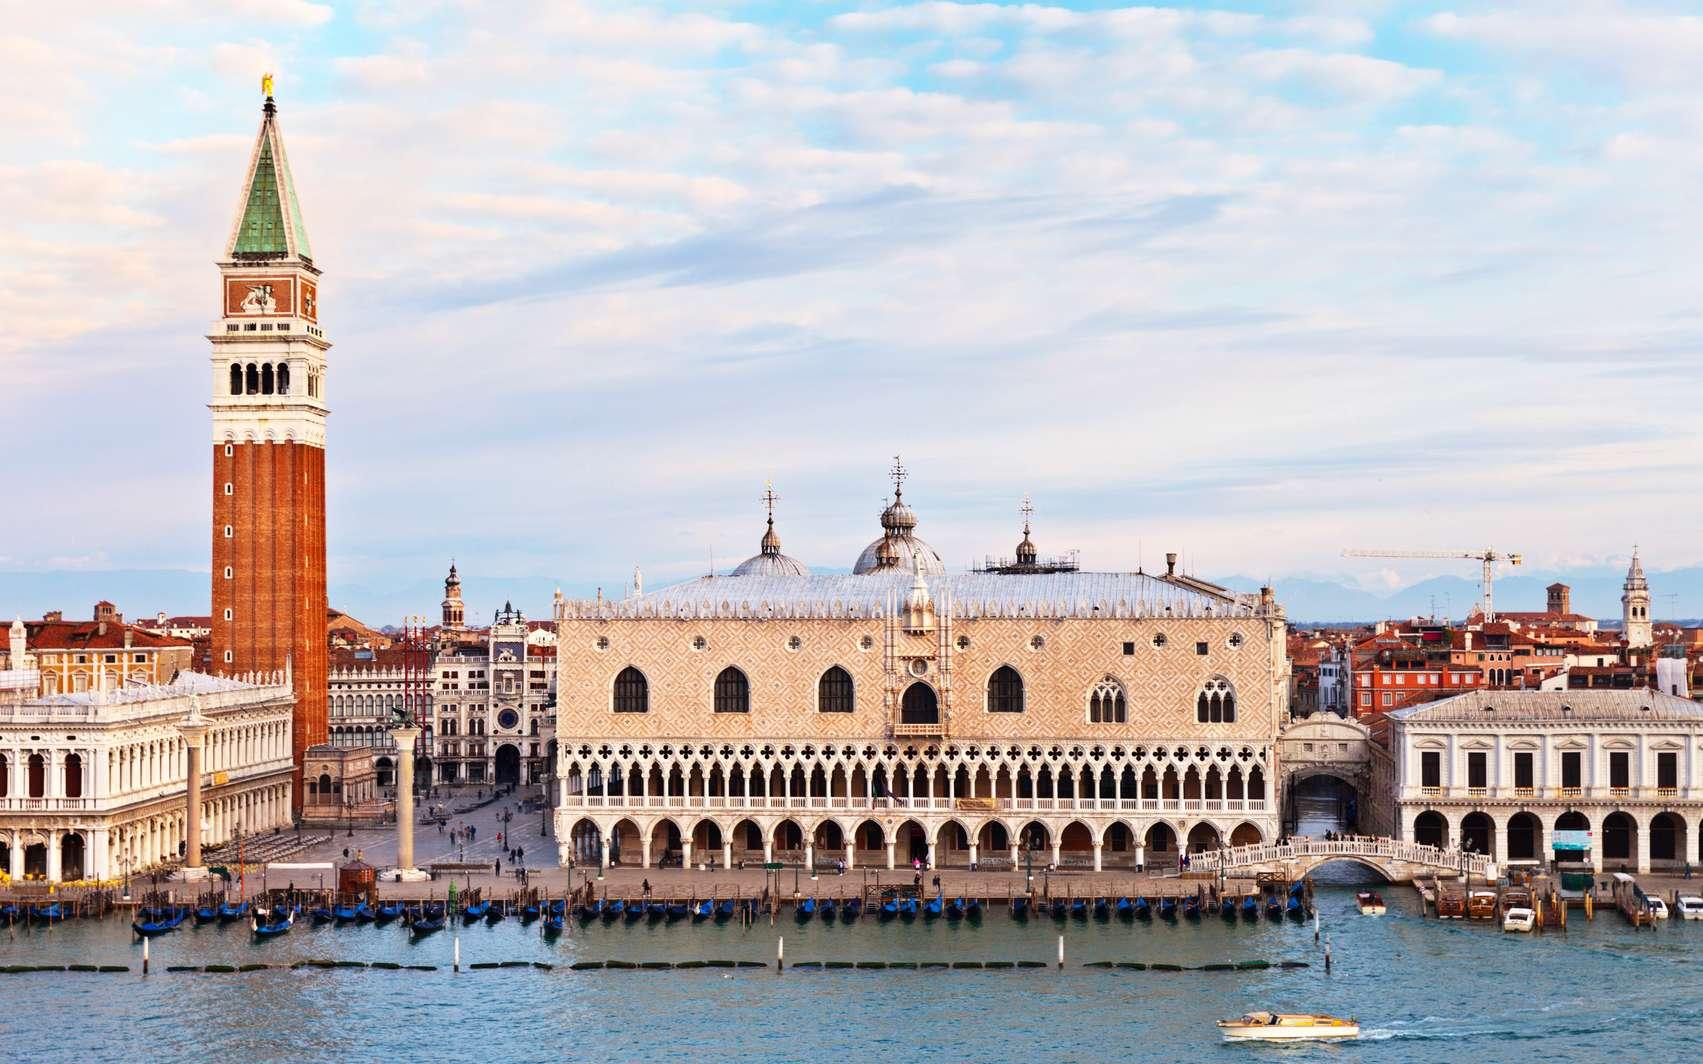 Une vue sur la place Saint-Marc de Venise. © Victoria, Fotolia